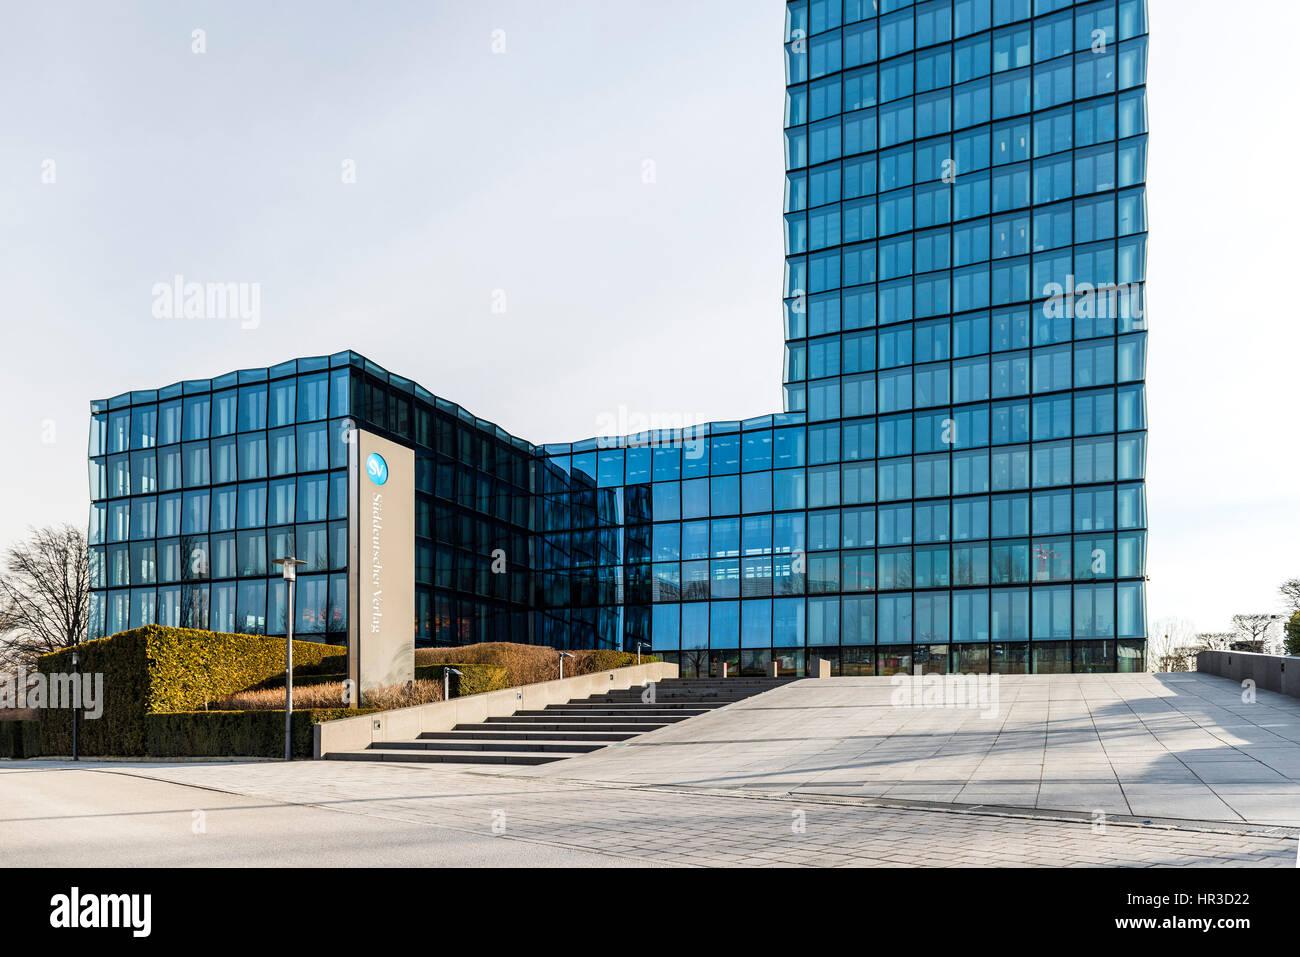 Süddeutscher Verlag - Gebäude, München, Deutschland Stockbild